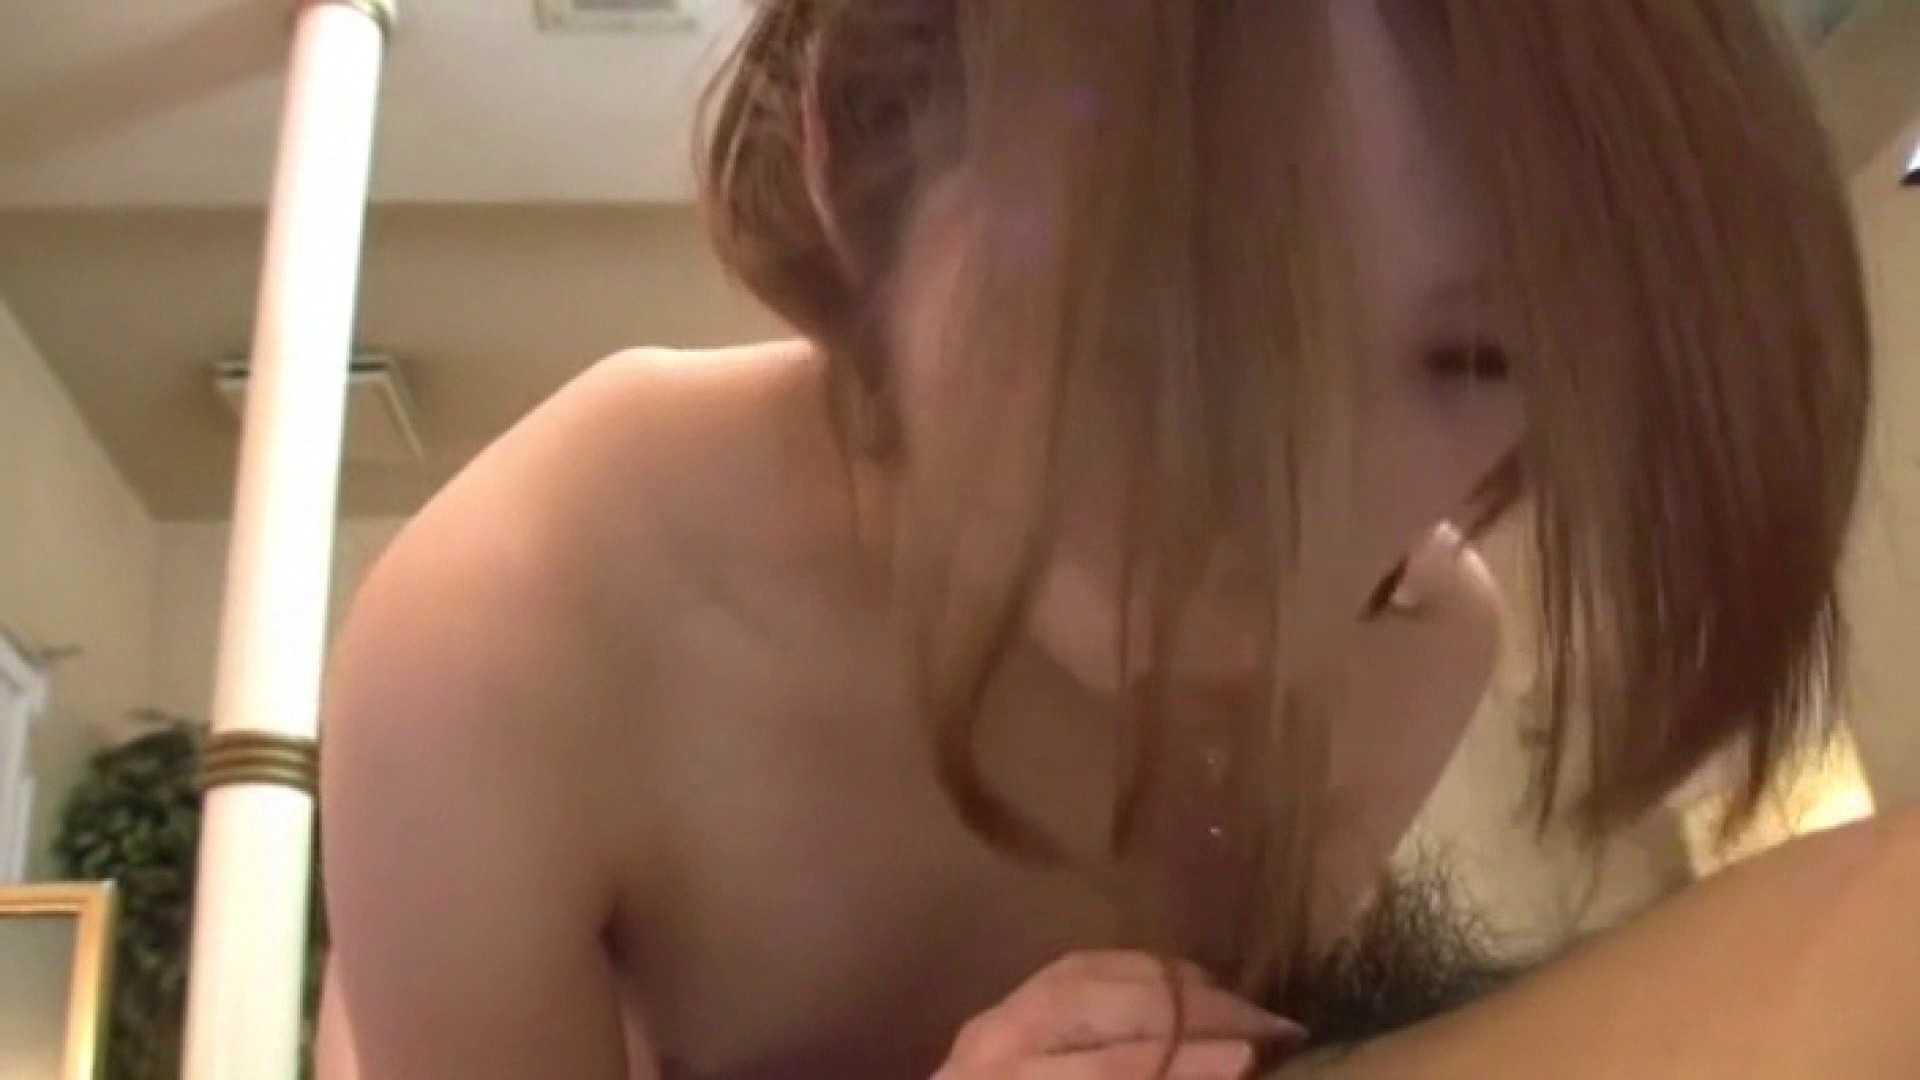 おしえてギャル子のH塾 Vol.36後編 バイブ セックス画像 81pic 25